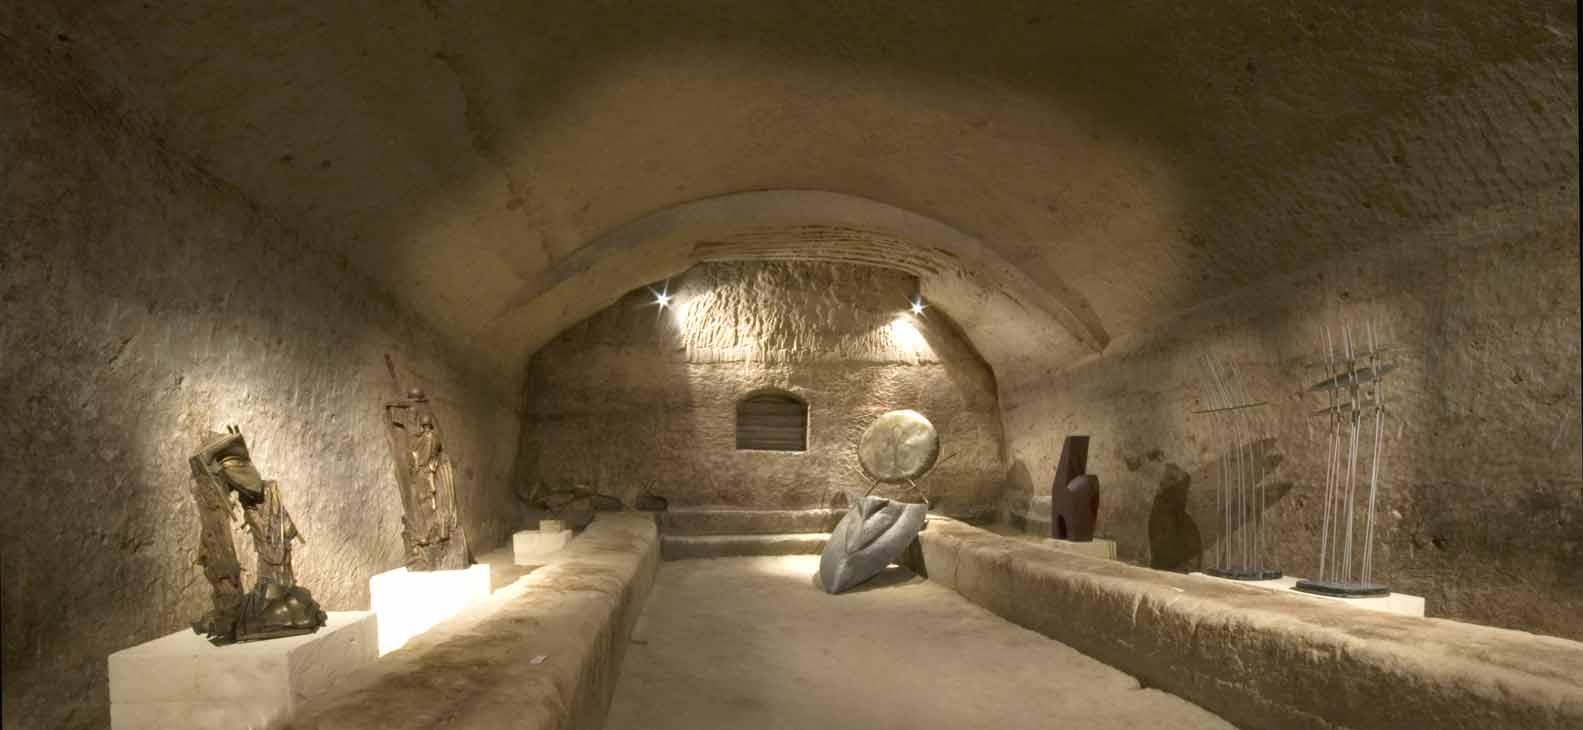 Il Museo Della Scultura Contemporanea Matera (Musma)